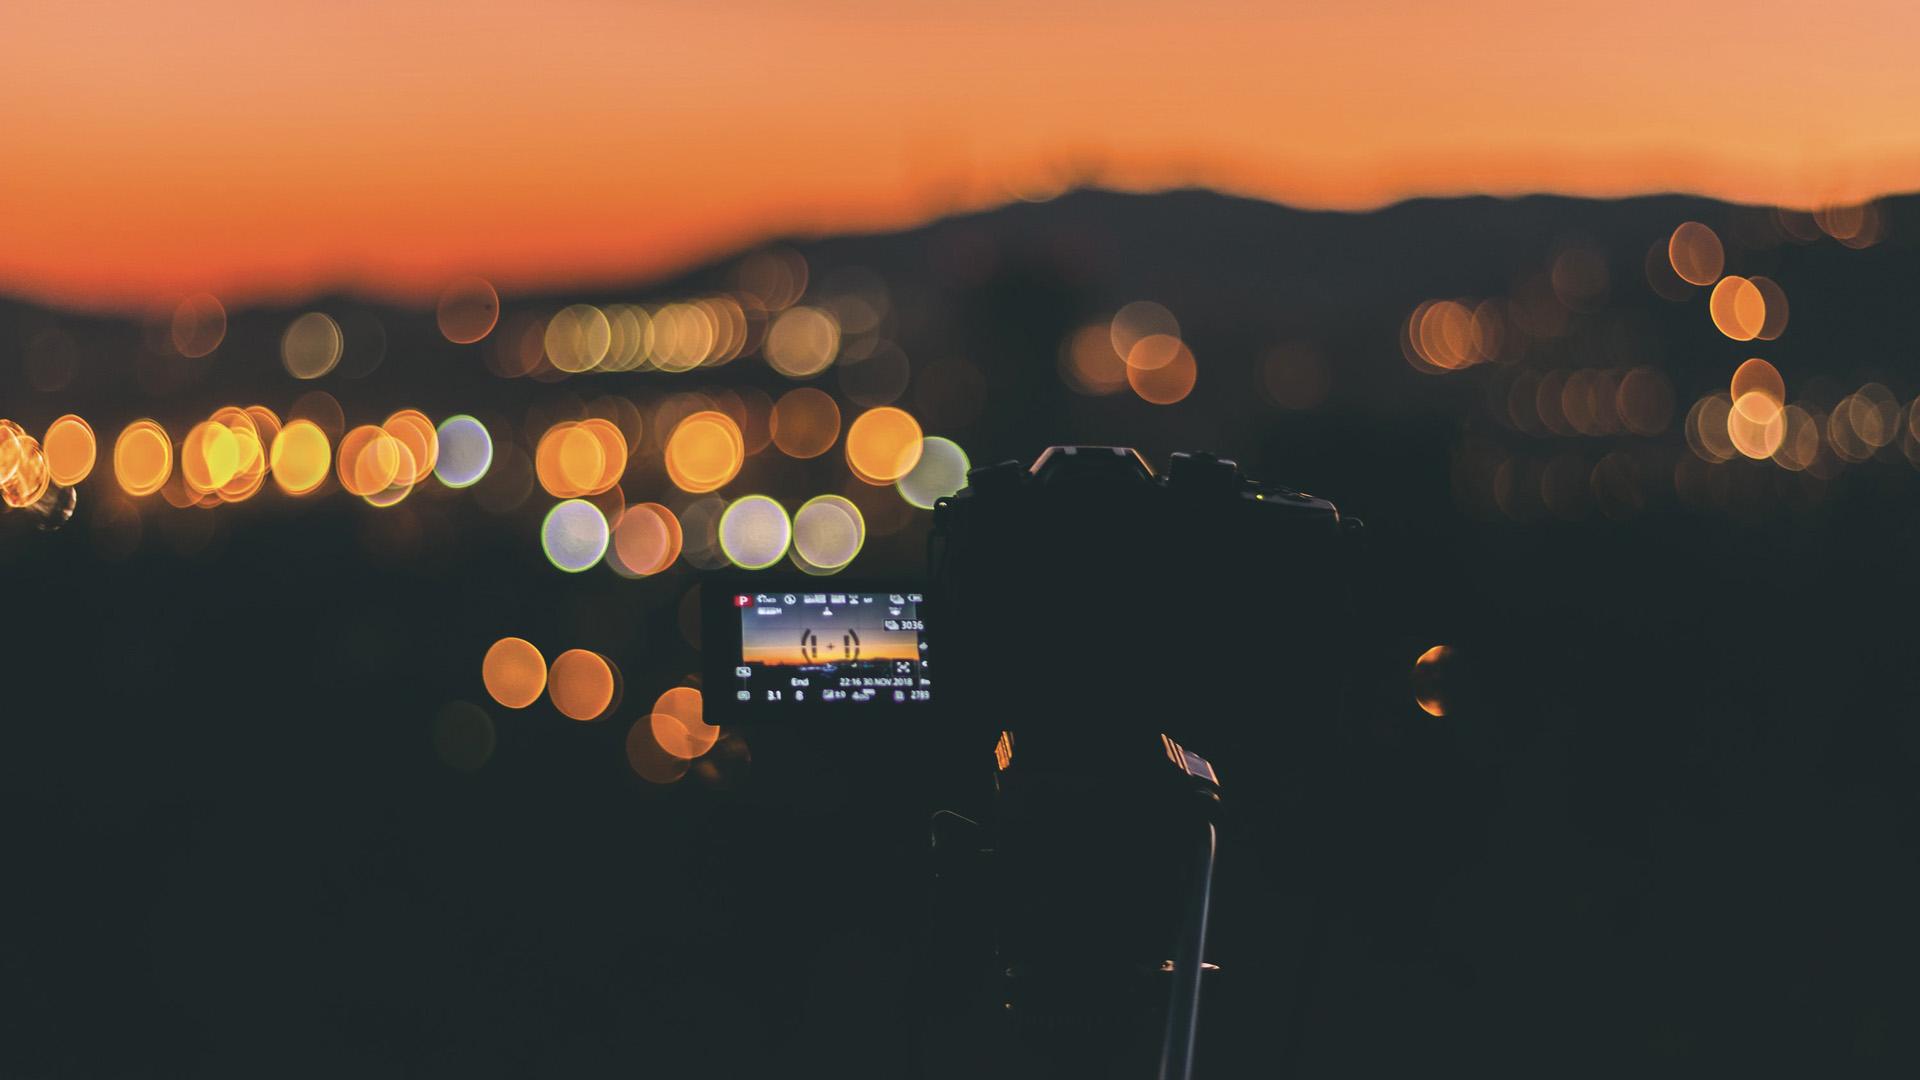 Gestione della Produzione Cinematografica e Televisiva - Major del Master in Media and Entertainment